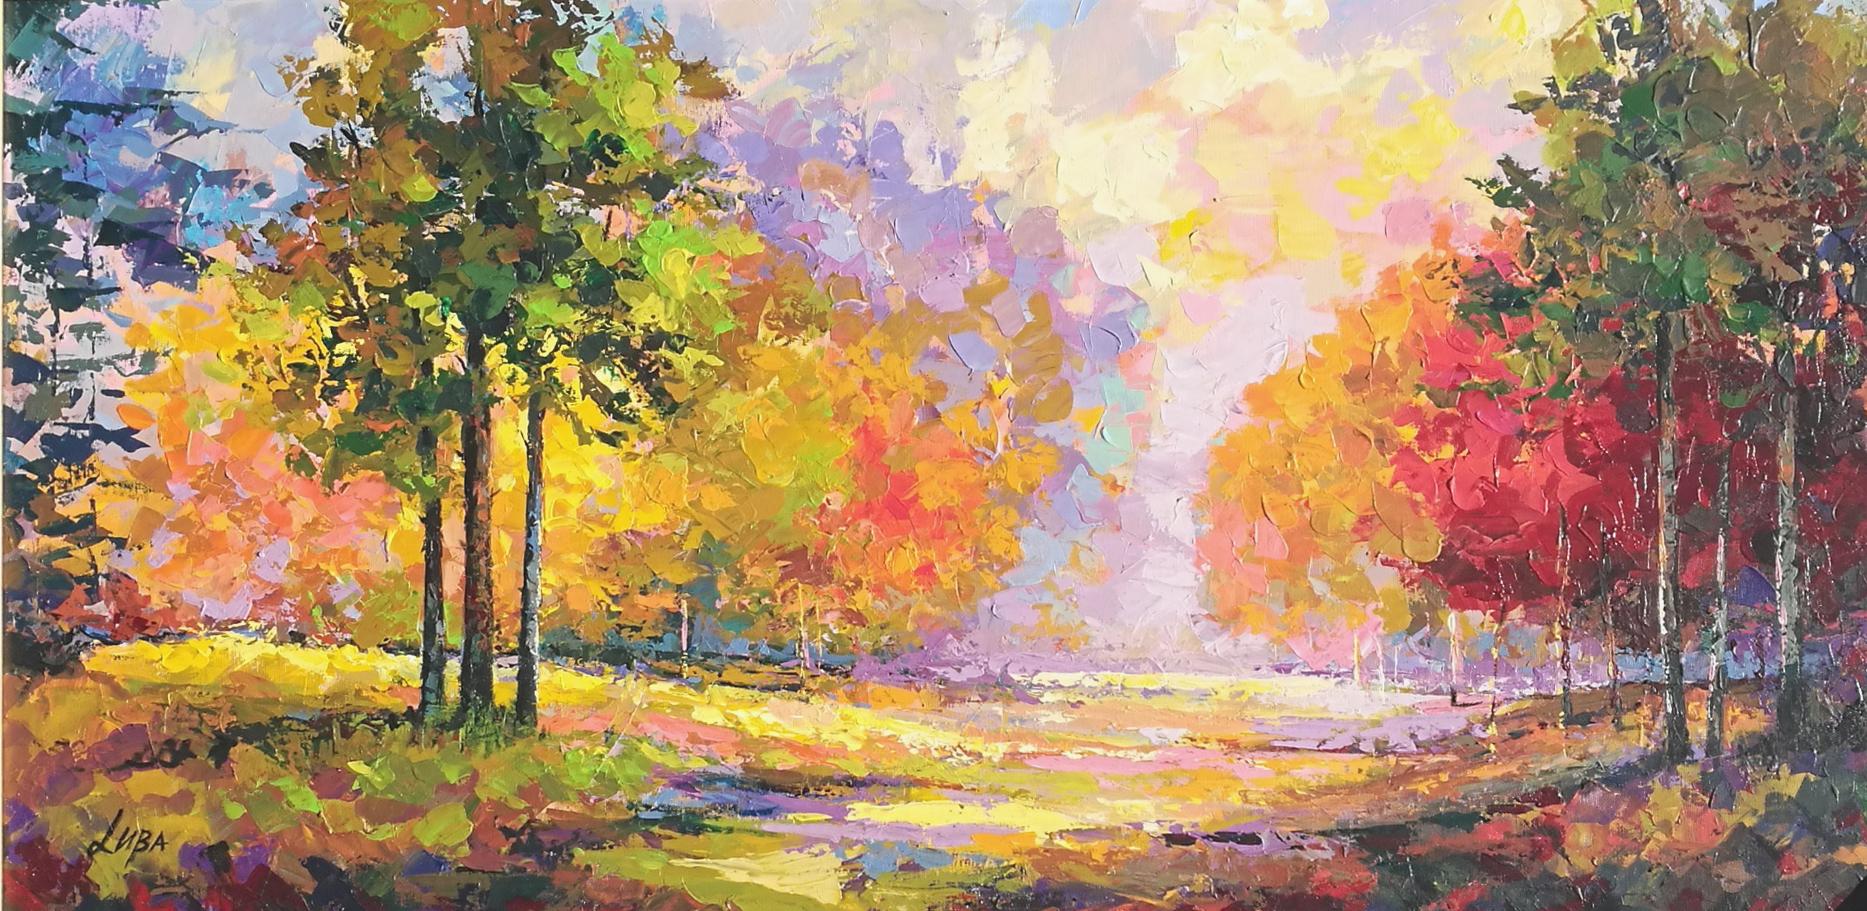 Landscape II by  Luba